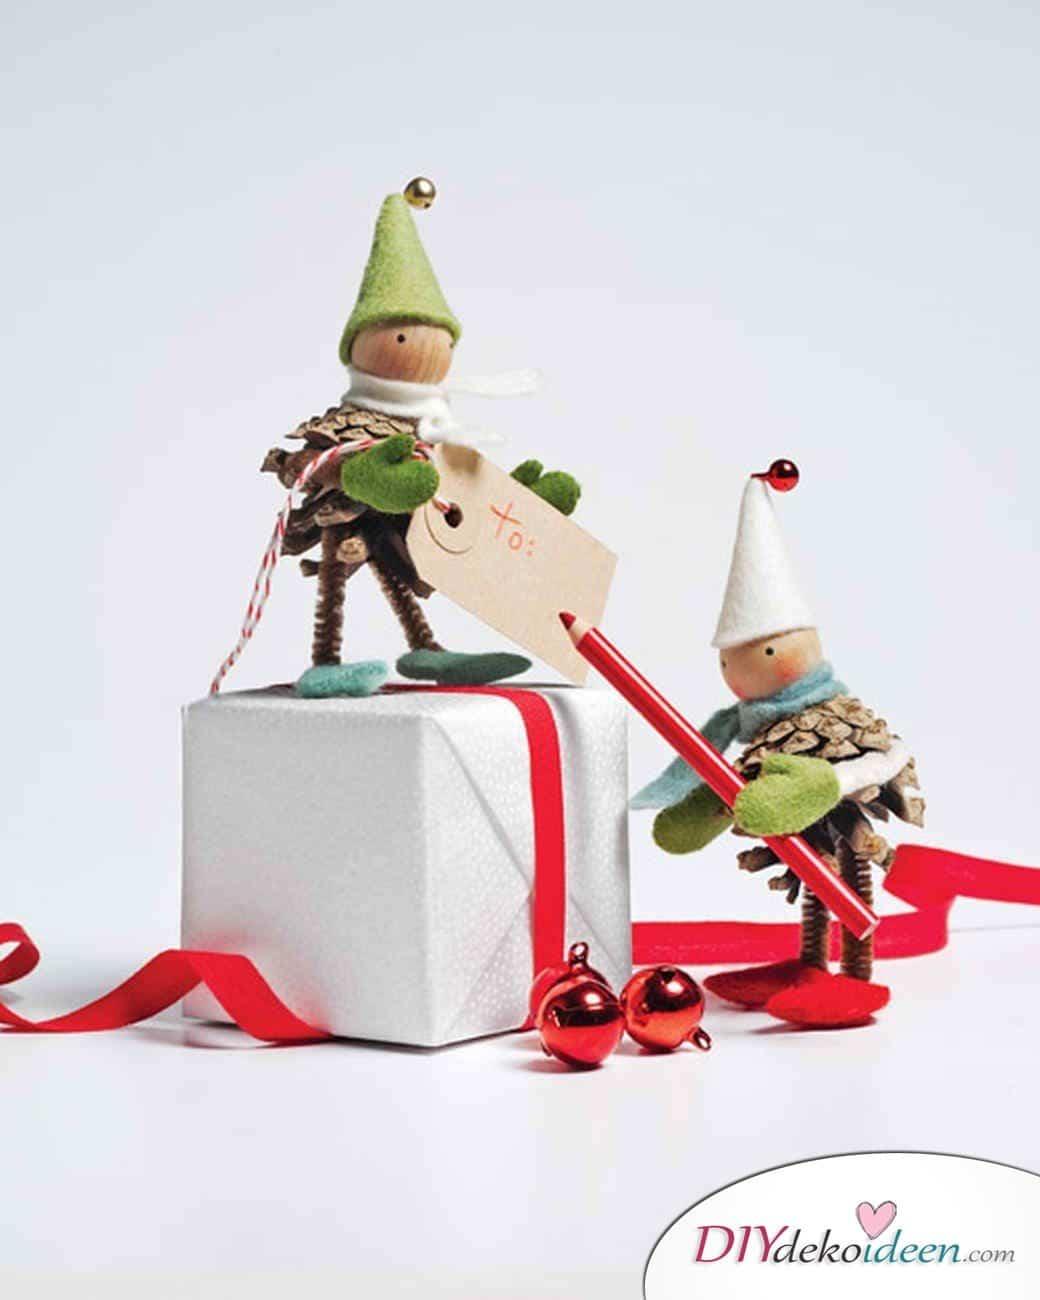 Basteln mit Tannenzapfen Weihnachten - 11 zauberhafte Bastelideen - Weihnachtswichtel